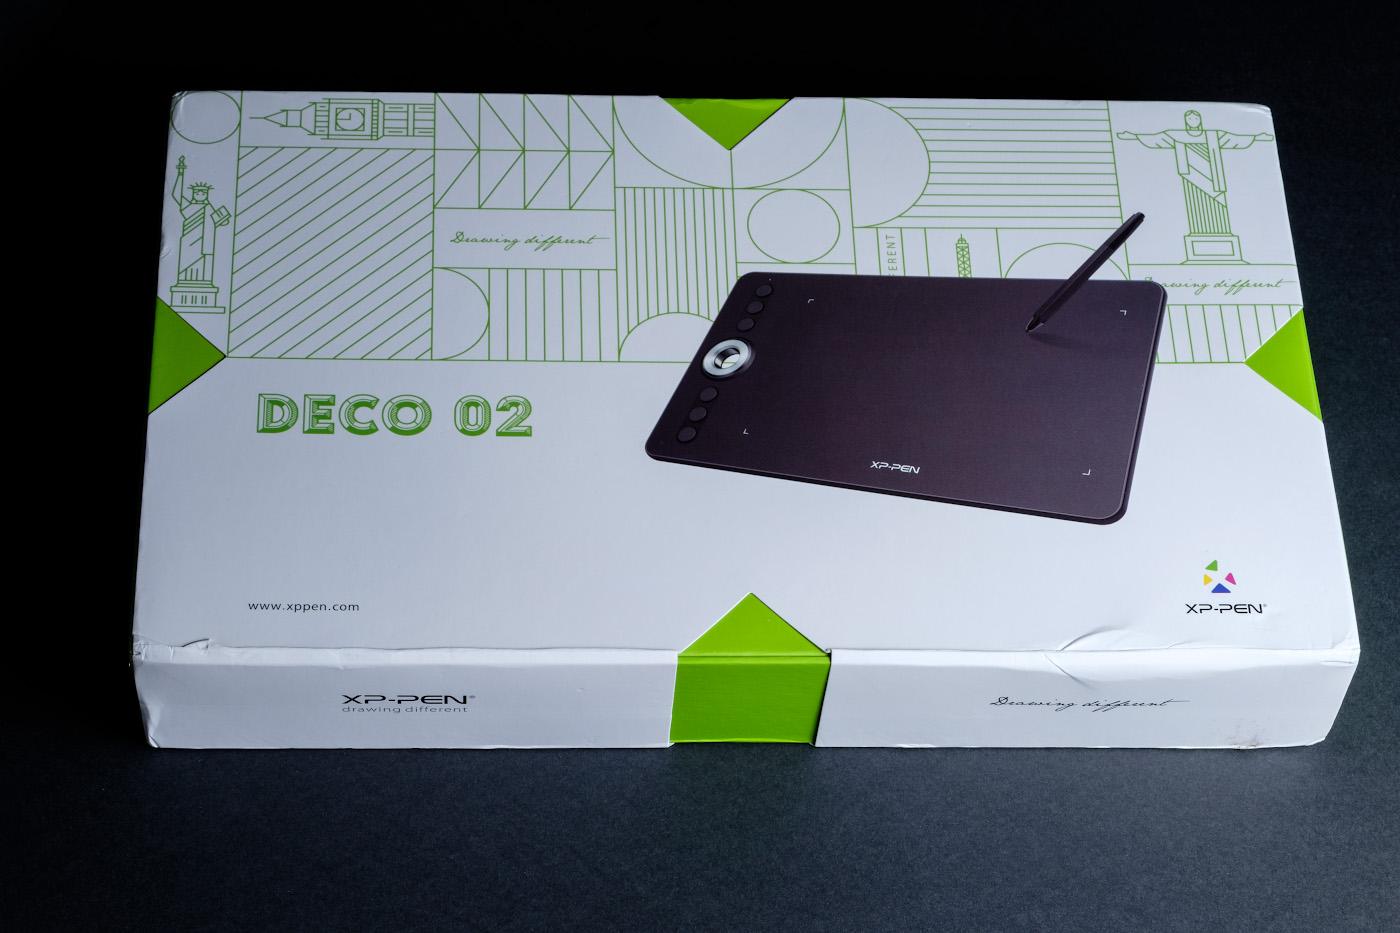 Фото 1. Коробка, в которой пришел из Китая мой графический планшет XP-PEN Deco 02. Обзор и настройки рассмотрим в этой статье. 1/180, 11.0, 200, 55.